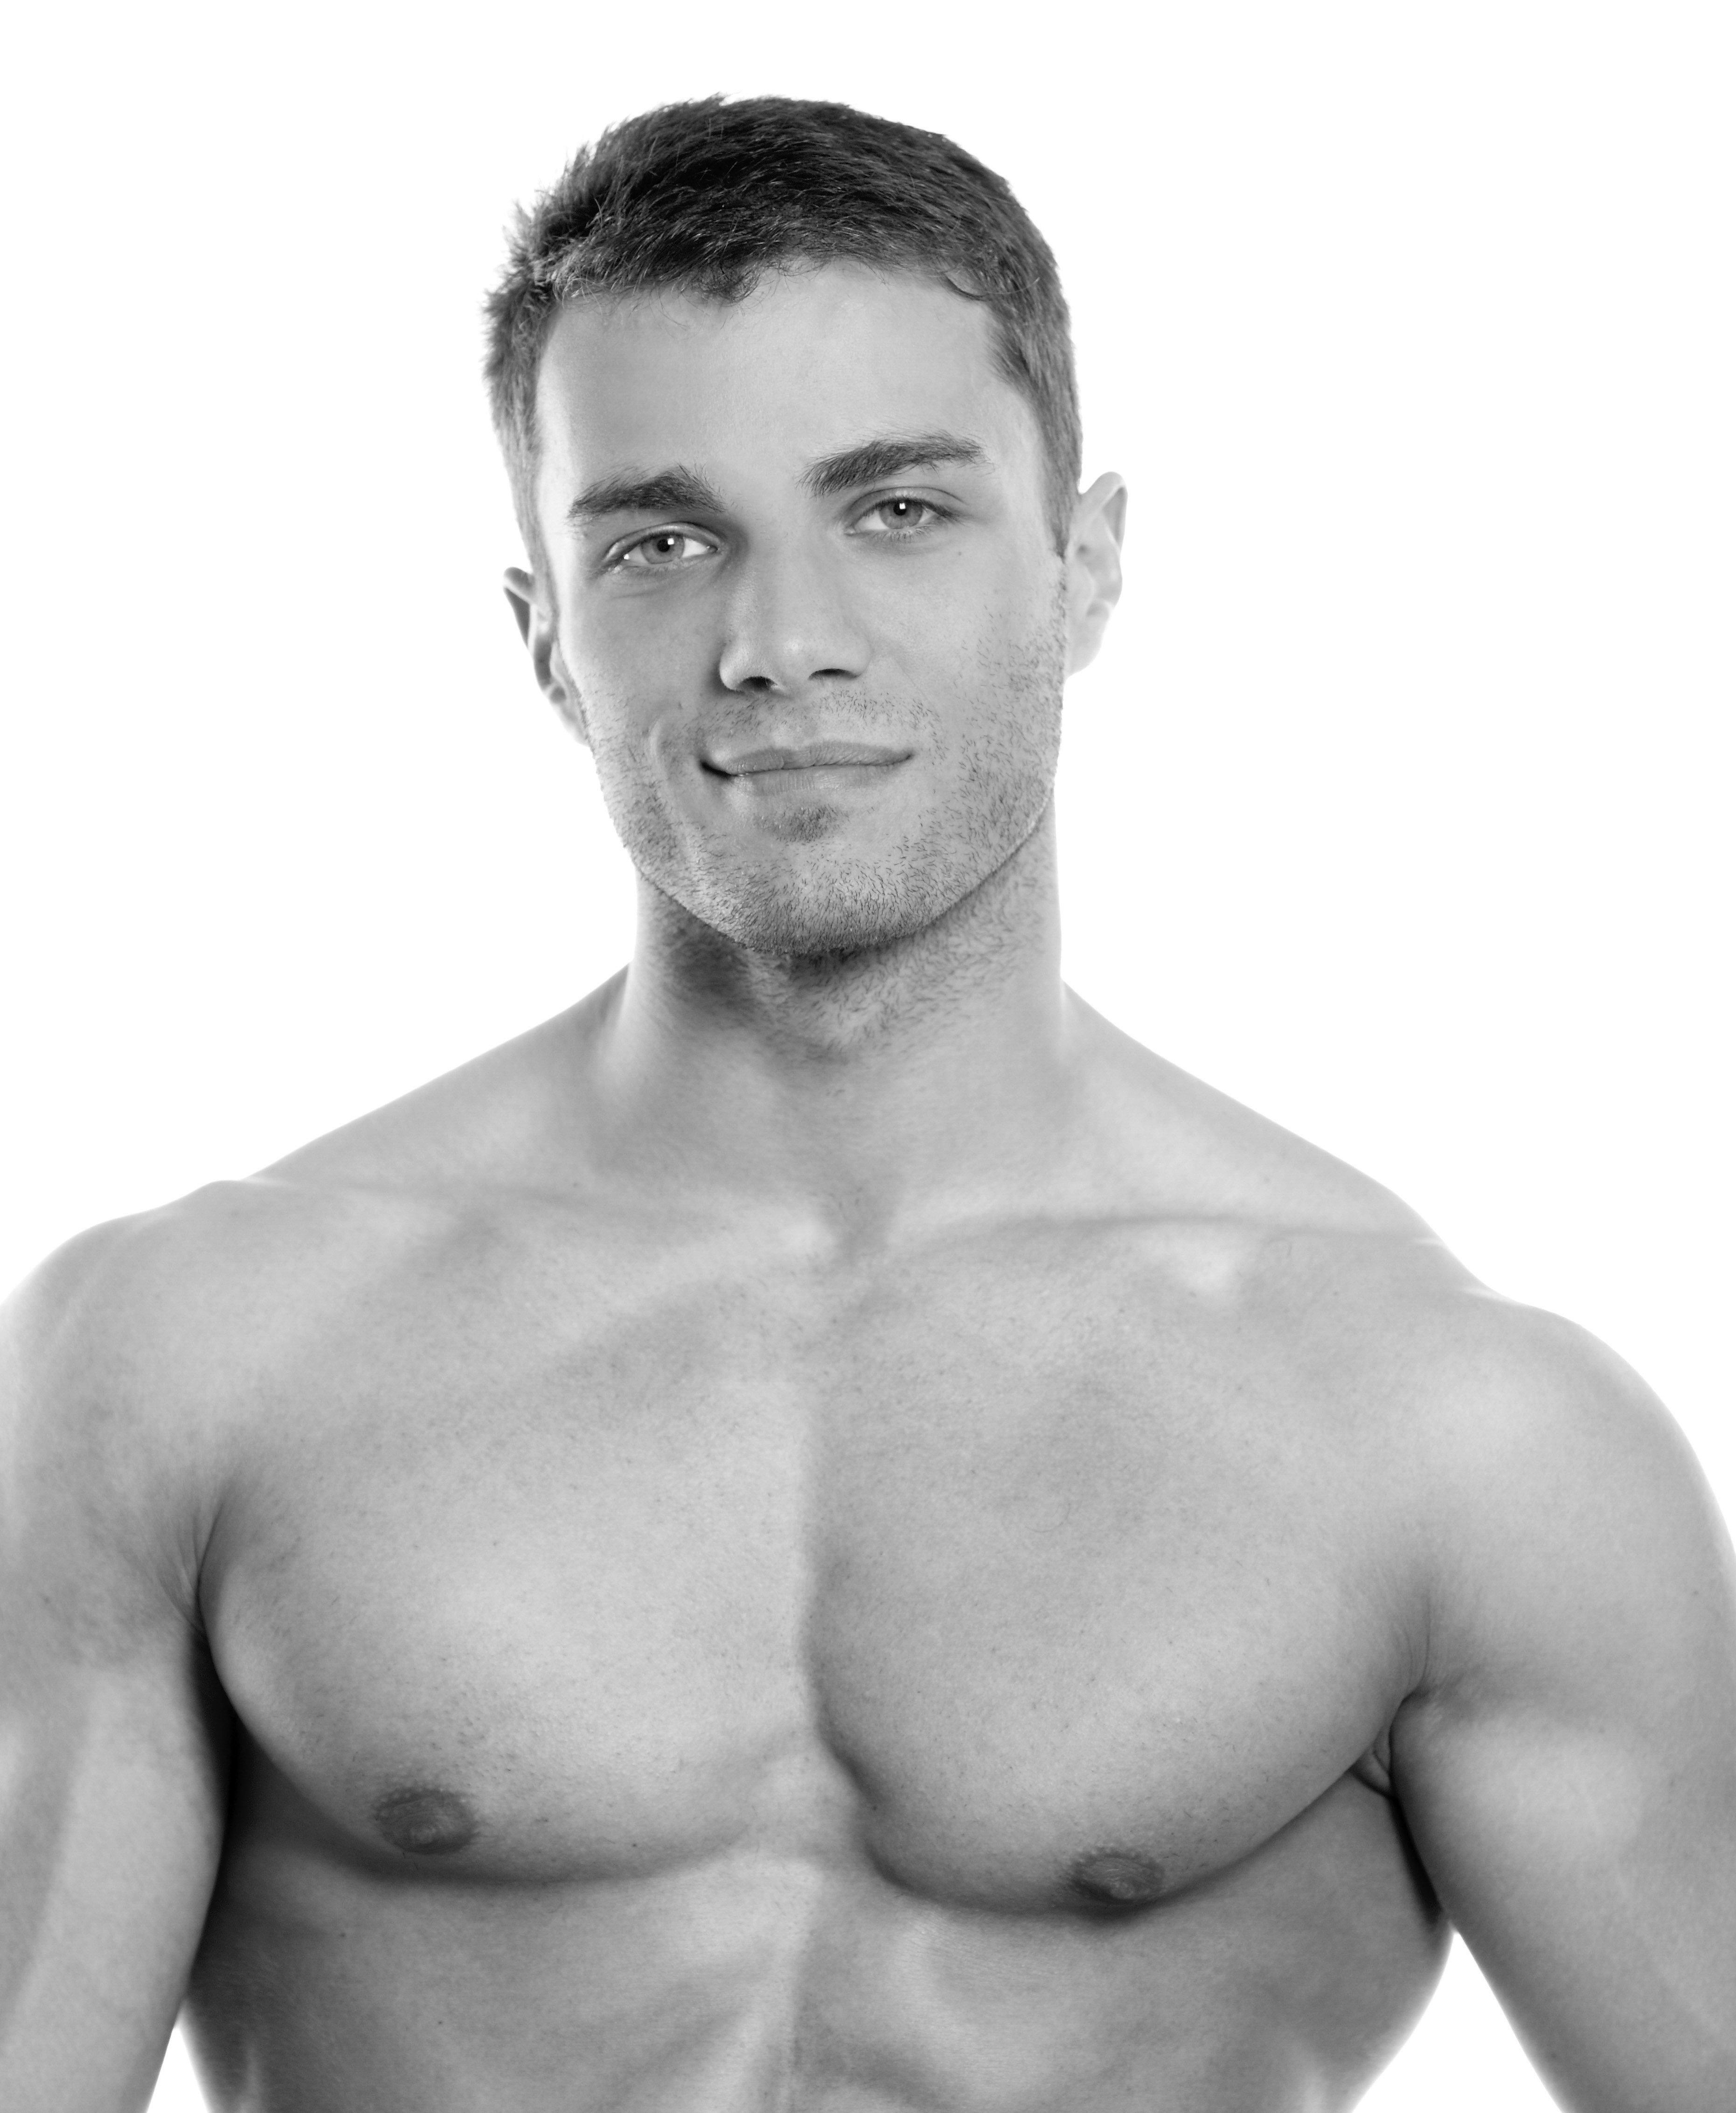 Spa pour homme paris massage relaxant sportif epilation for Salon epilation homme